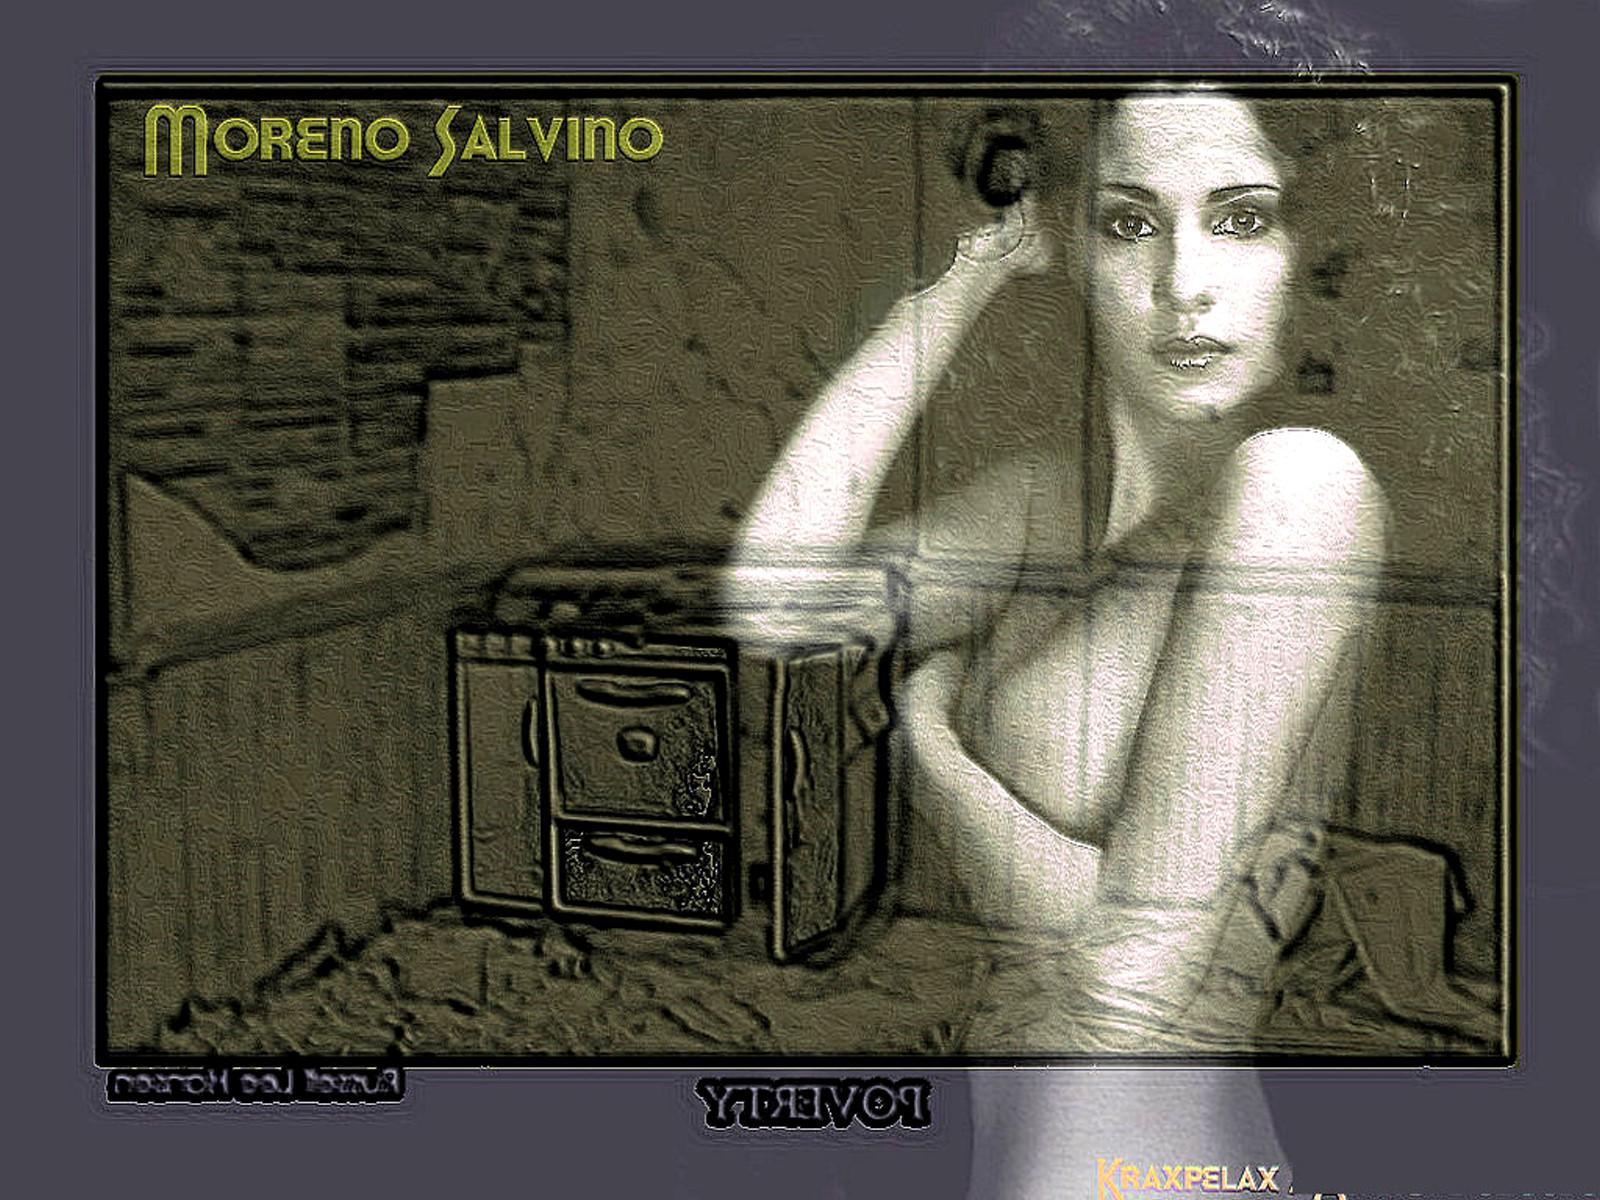 Moreno salvino 1